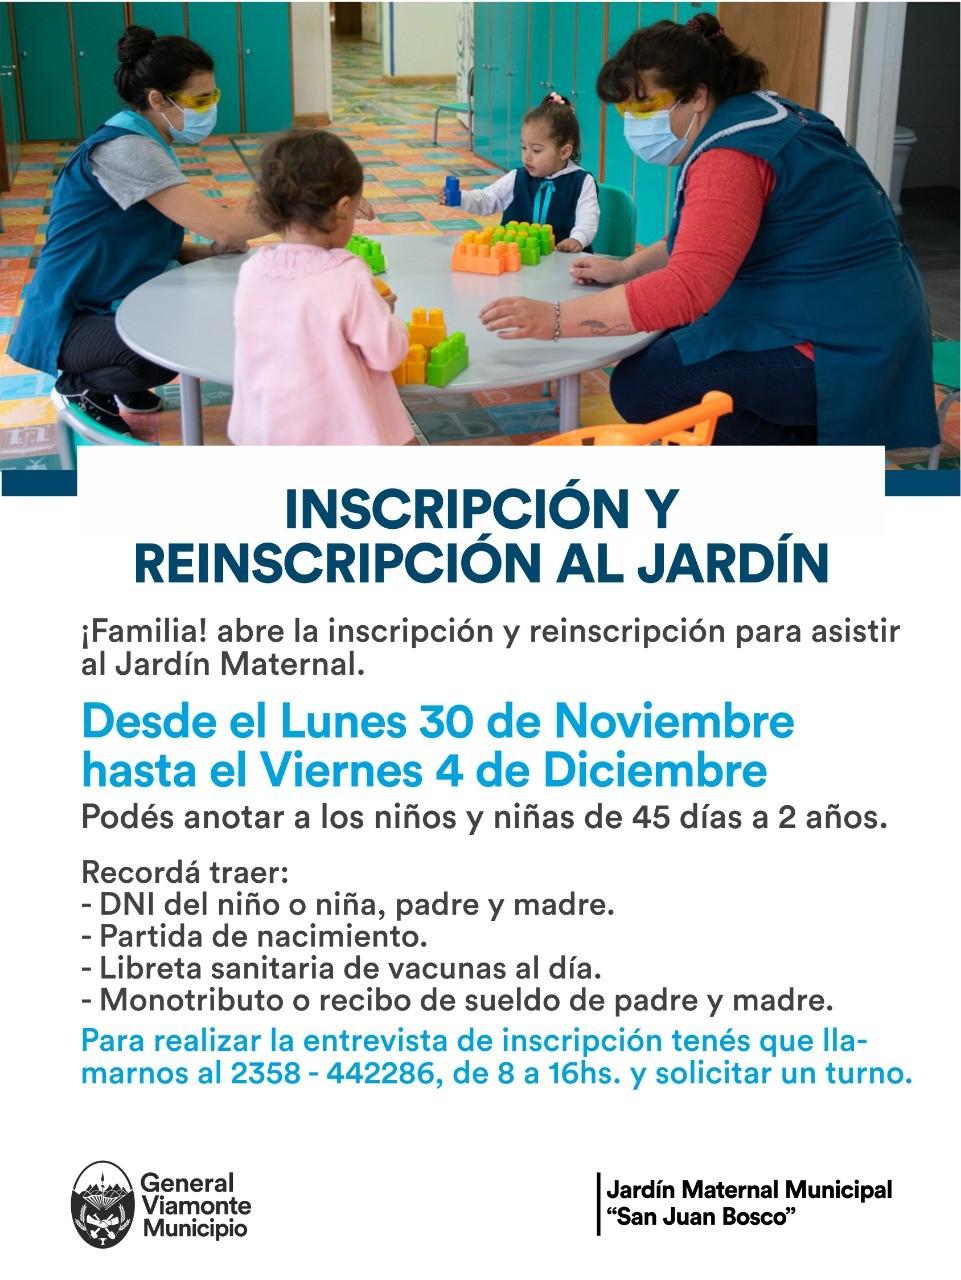 Abre la inscripción y reinscripción para asistir al jardín Maternal